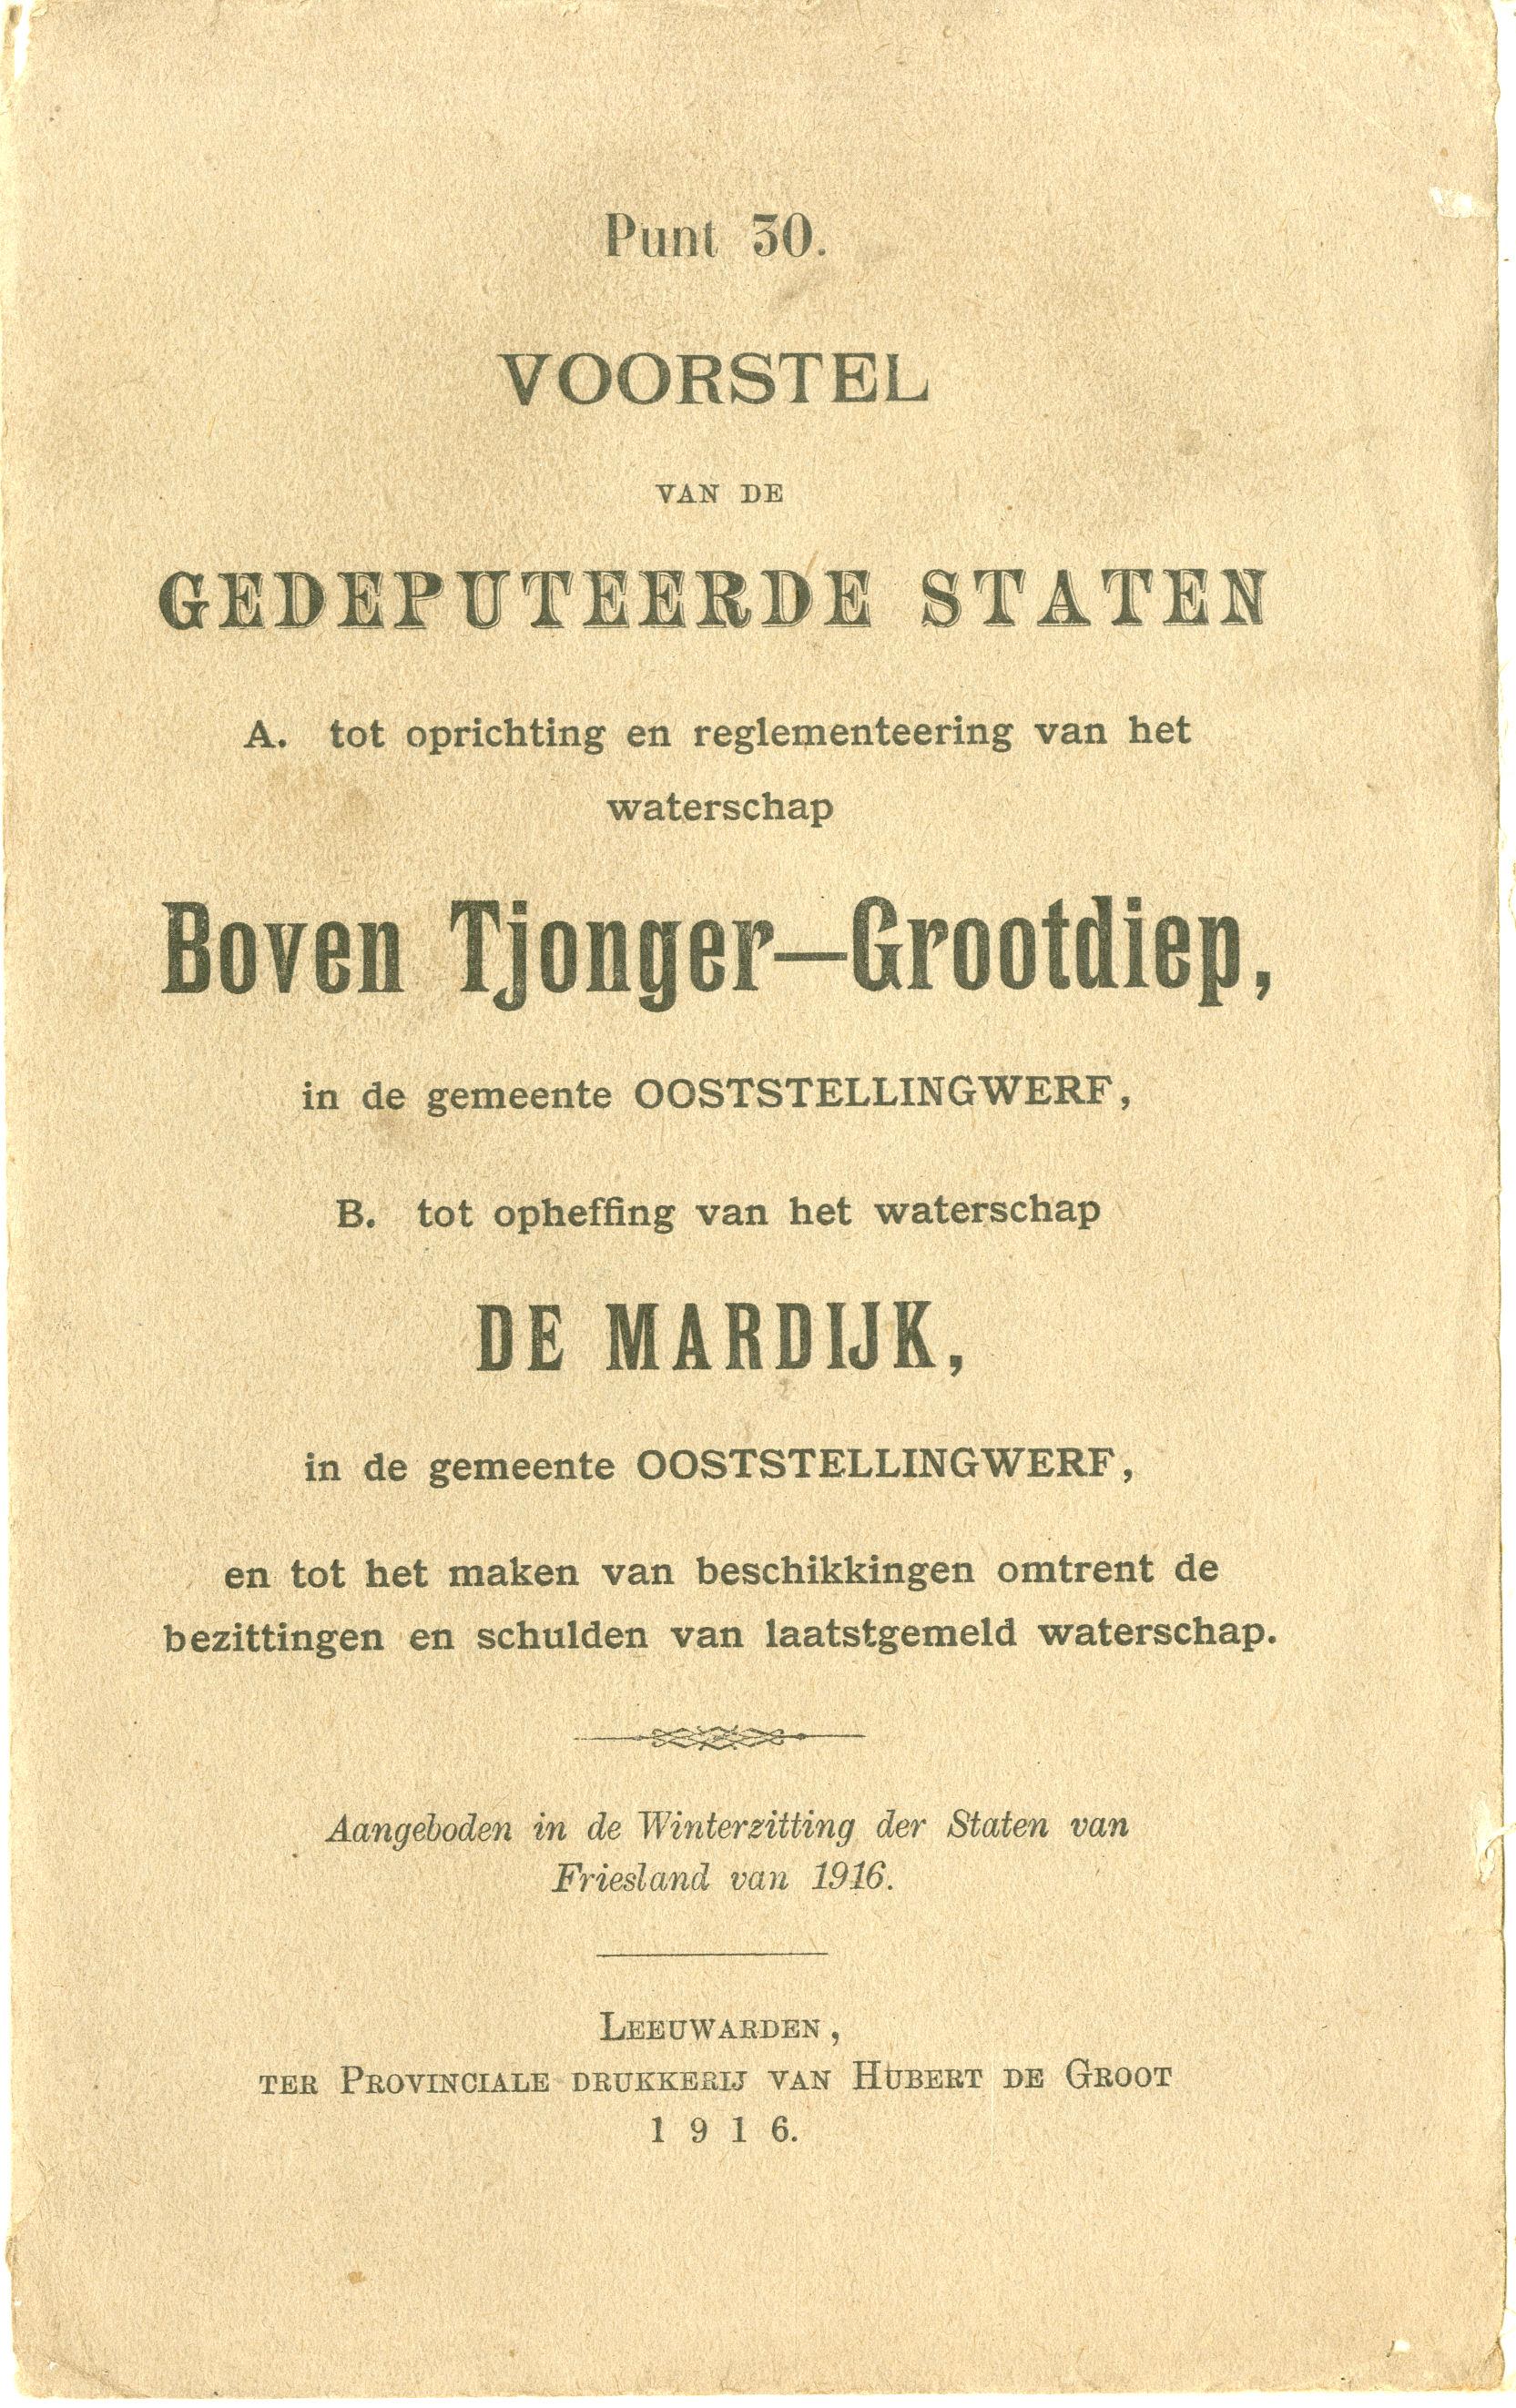 22-03-1916 Boven Tjonger-Gootdiep